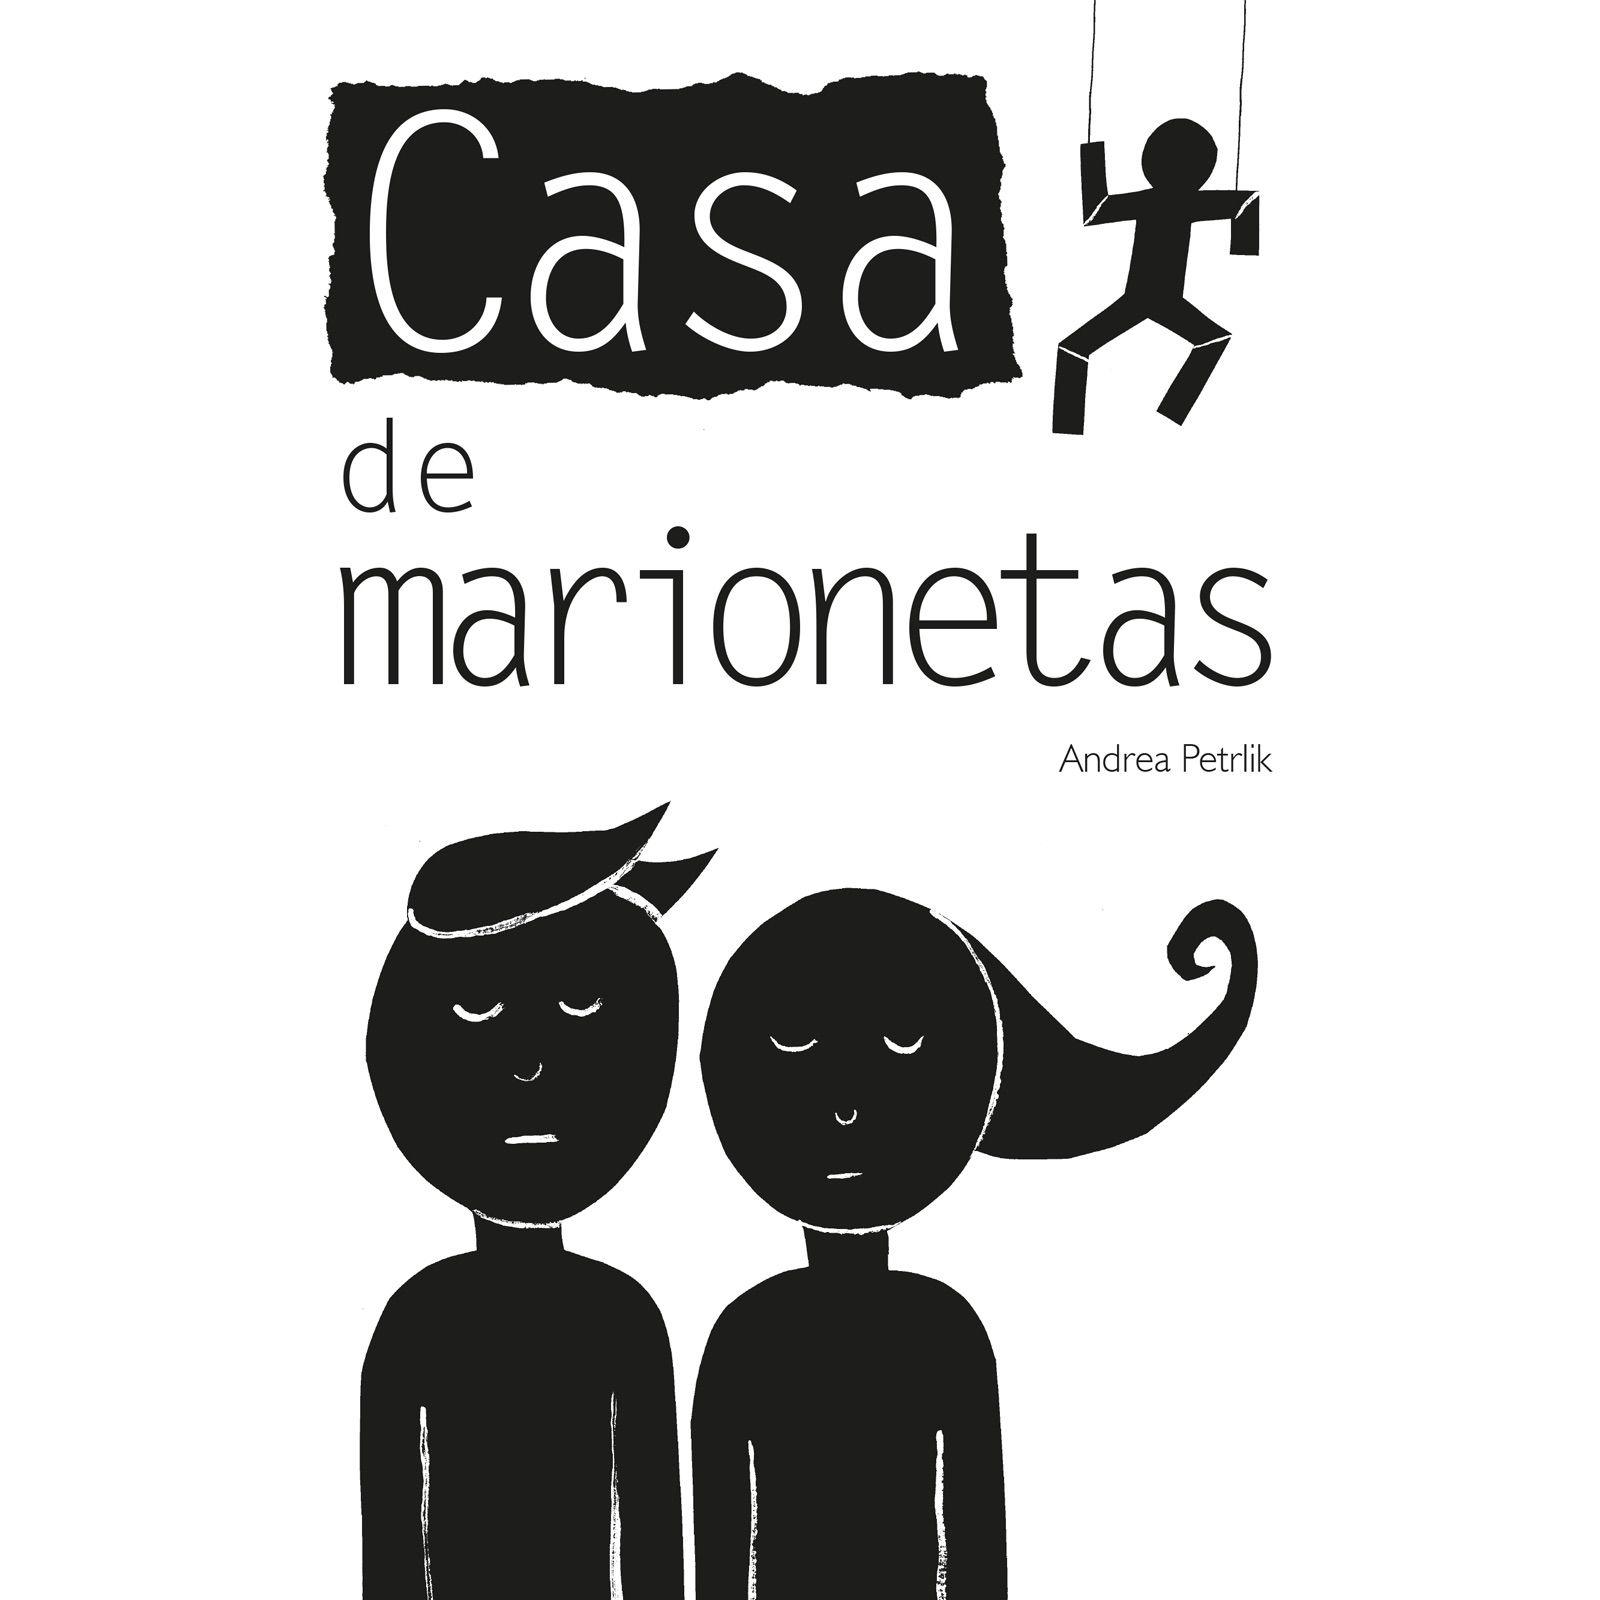 Casa_de_marionetas